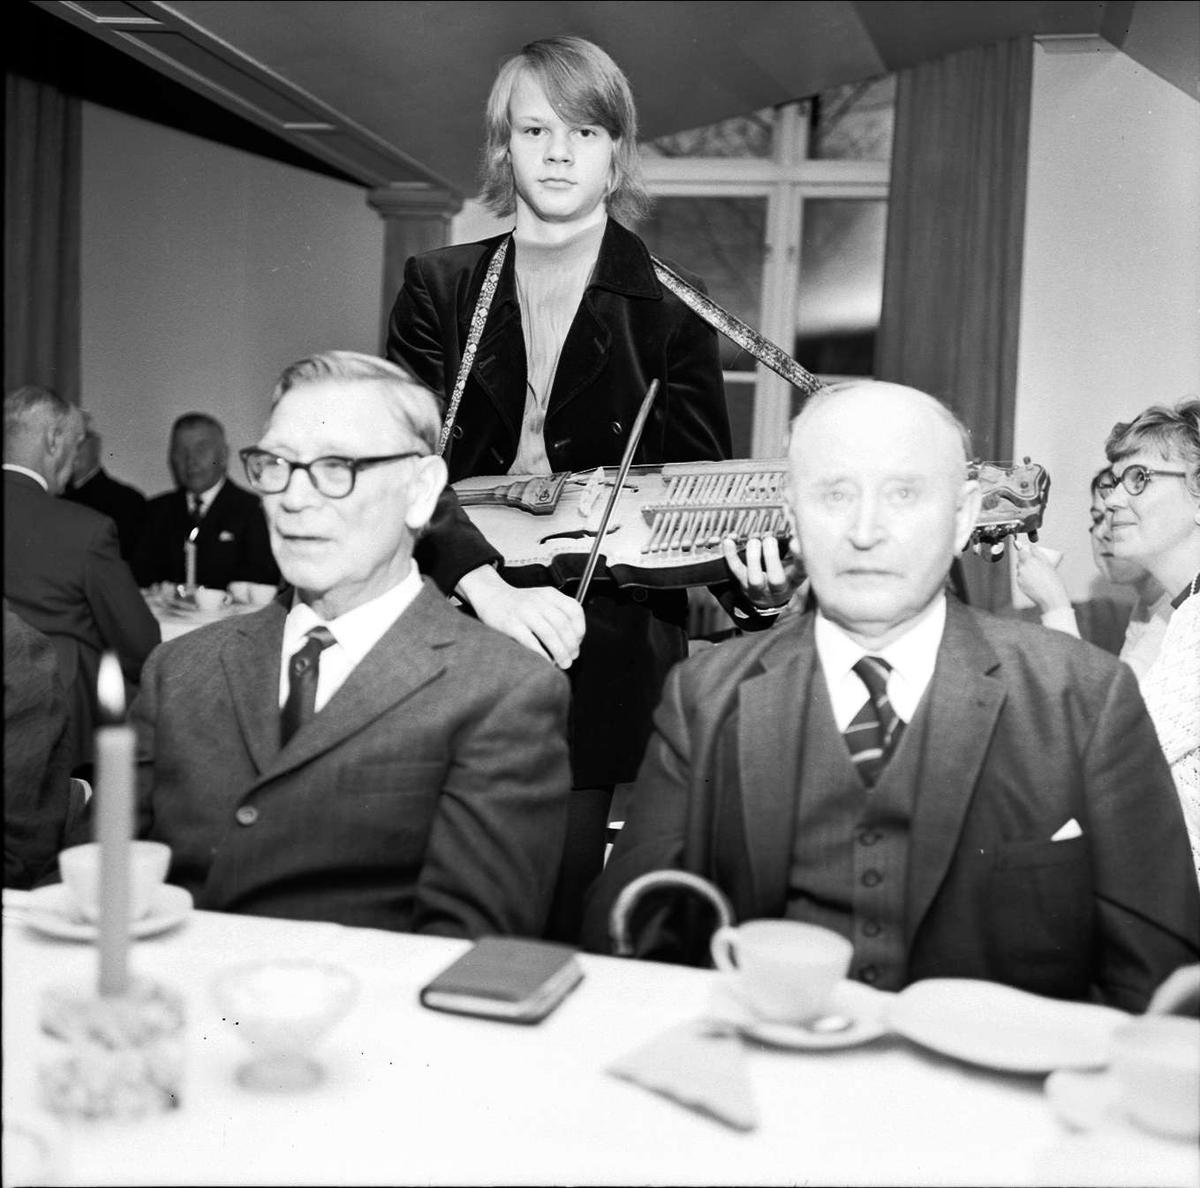 Söderforspensionärer på församlingsträff, Söderfors bruk, Uppland oktober 1972